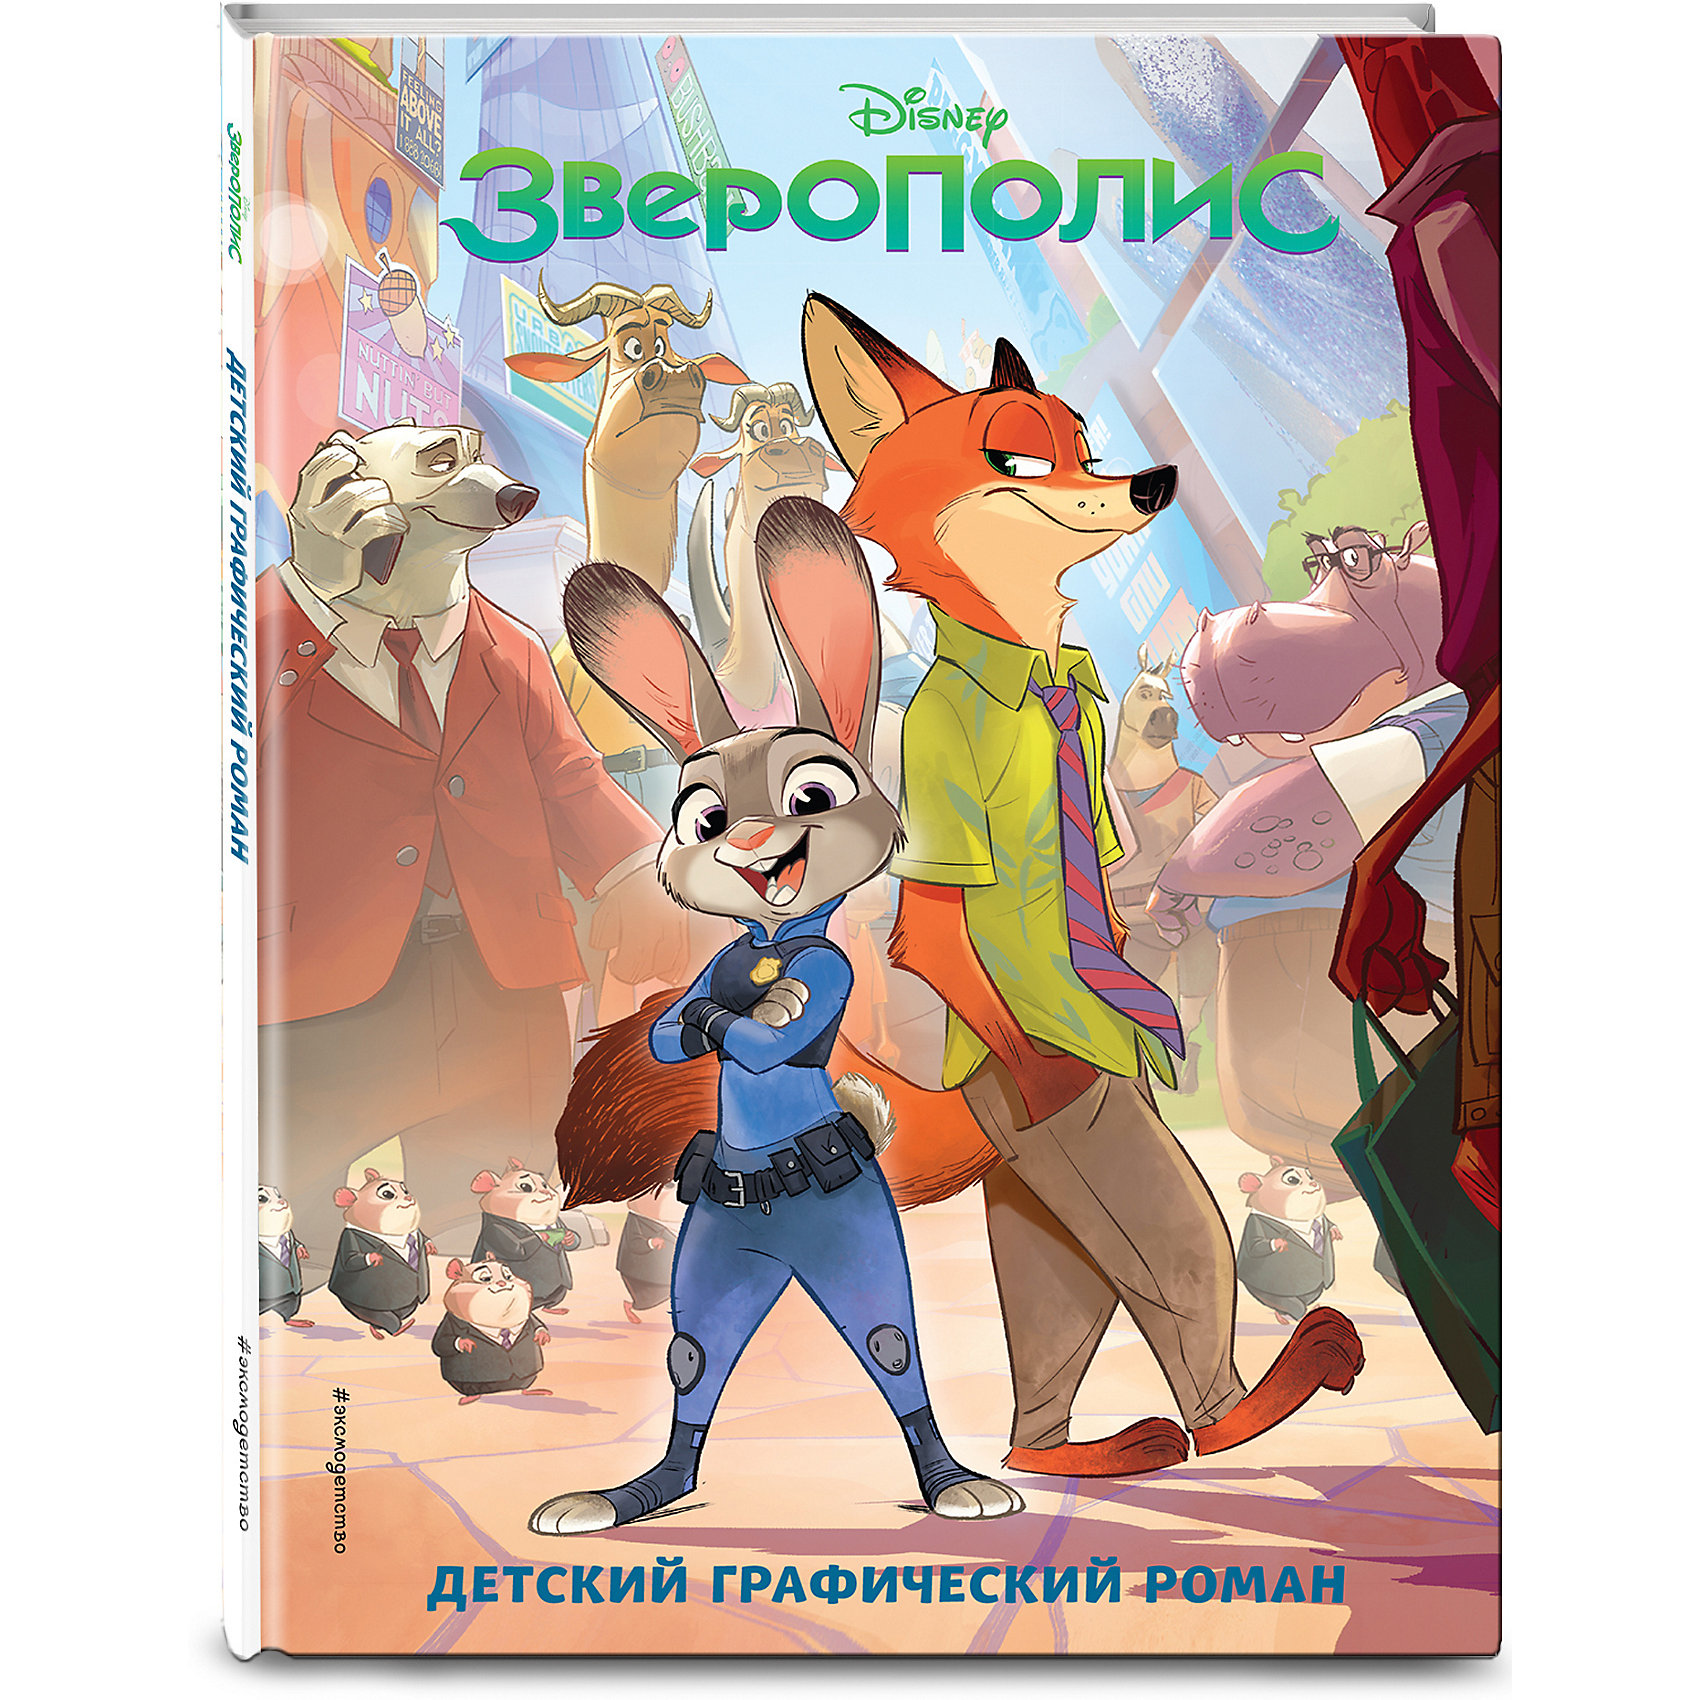 Зверополис: Детский графический романКниги по фильмам и мультфильмам<br>Характеристики товара: <br><br>• ISBN: 9785699899449<br>• возраст от: 5 лет<br>• формат: 60x84/8<br>• бумага: мелованная<br>• обложка: твердая<br>• серия: Disney. Зверополис<br>• иллюстрации: цветные<br>• издательство: Эксмо<br>• переводчик: Чернышова-Орлова Е. О.<br>• количество страниц: 56<br>• размеры: 28x21x1 см<br><br>Герои мультфильма «Зверополис» полюбились современным детям. Книга об их приключениях - пересказ мультфильма - поможет снова встретиться с любимыми героями. <br><br>Доступный язык, забавные ситуации и иллюстрации - всё это рассчитано на маленьких читателей.<br><br>Книгу «Зверополис: Детский графический роман» можно купить в нашем интернет-магазине.<br><br>Ширина мм: 280<br>Глубина мм: 210<br>Высота мм: 70<br>Вес г: 449<br>Возраст от месяцев: 60<br>Возраст до месяцев: 168<br>Пол: Унисекс<br>Возраст: Детский<br>SKU: 5535108